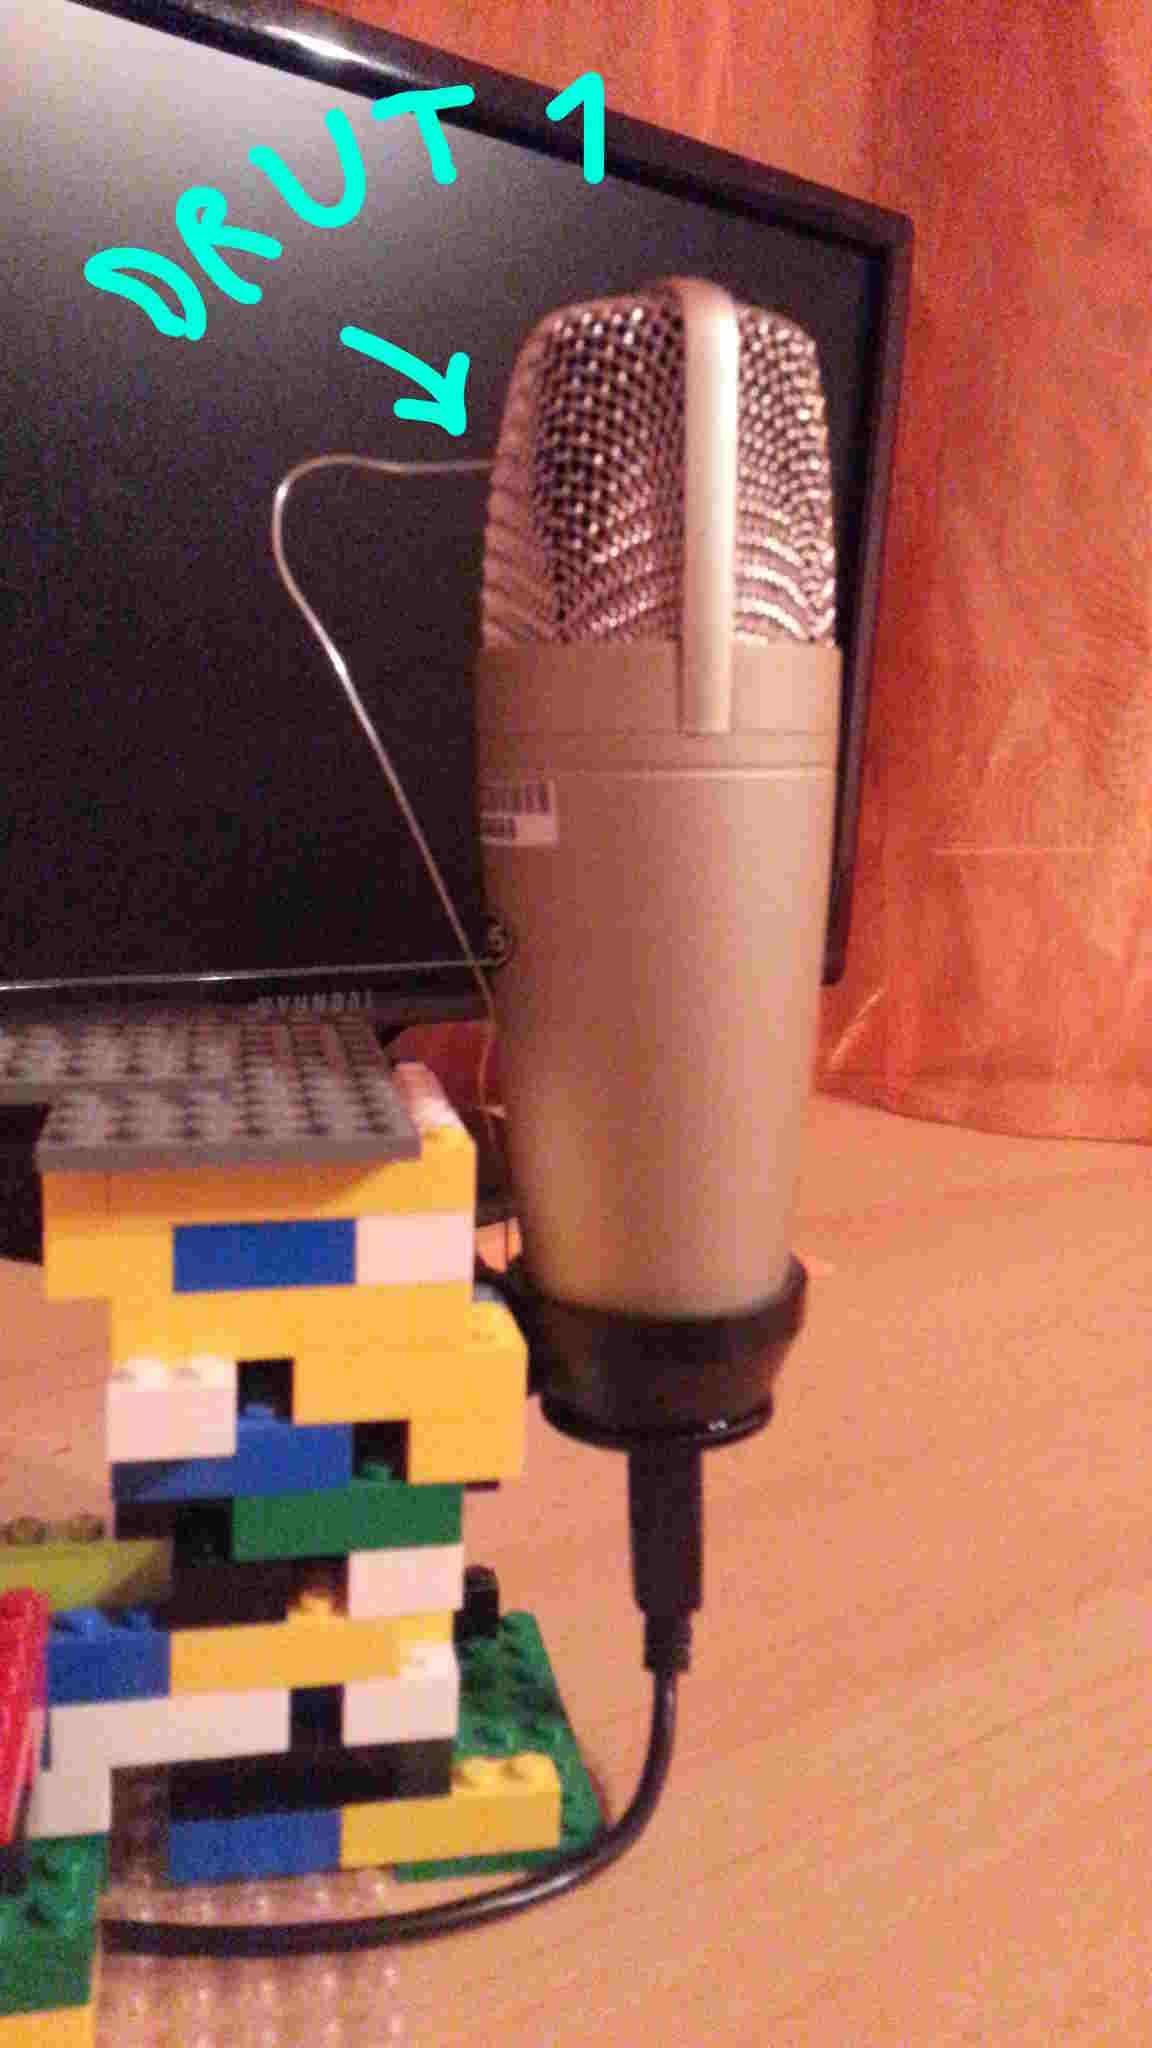 Mikrofon - Szumy w mikrofonie, nic nie pomaga ...